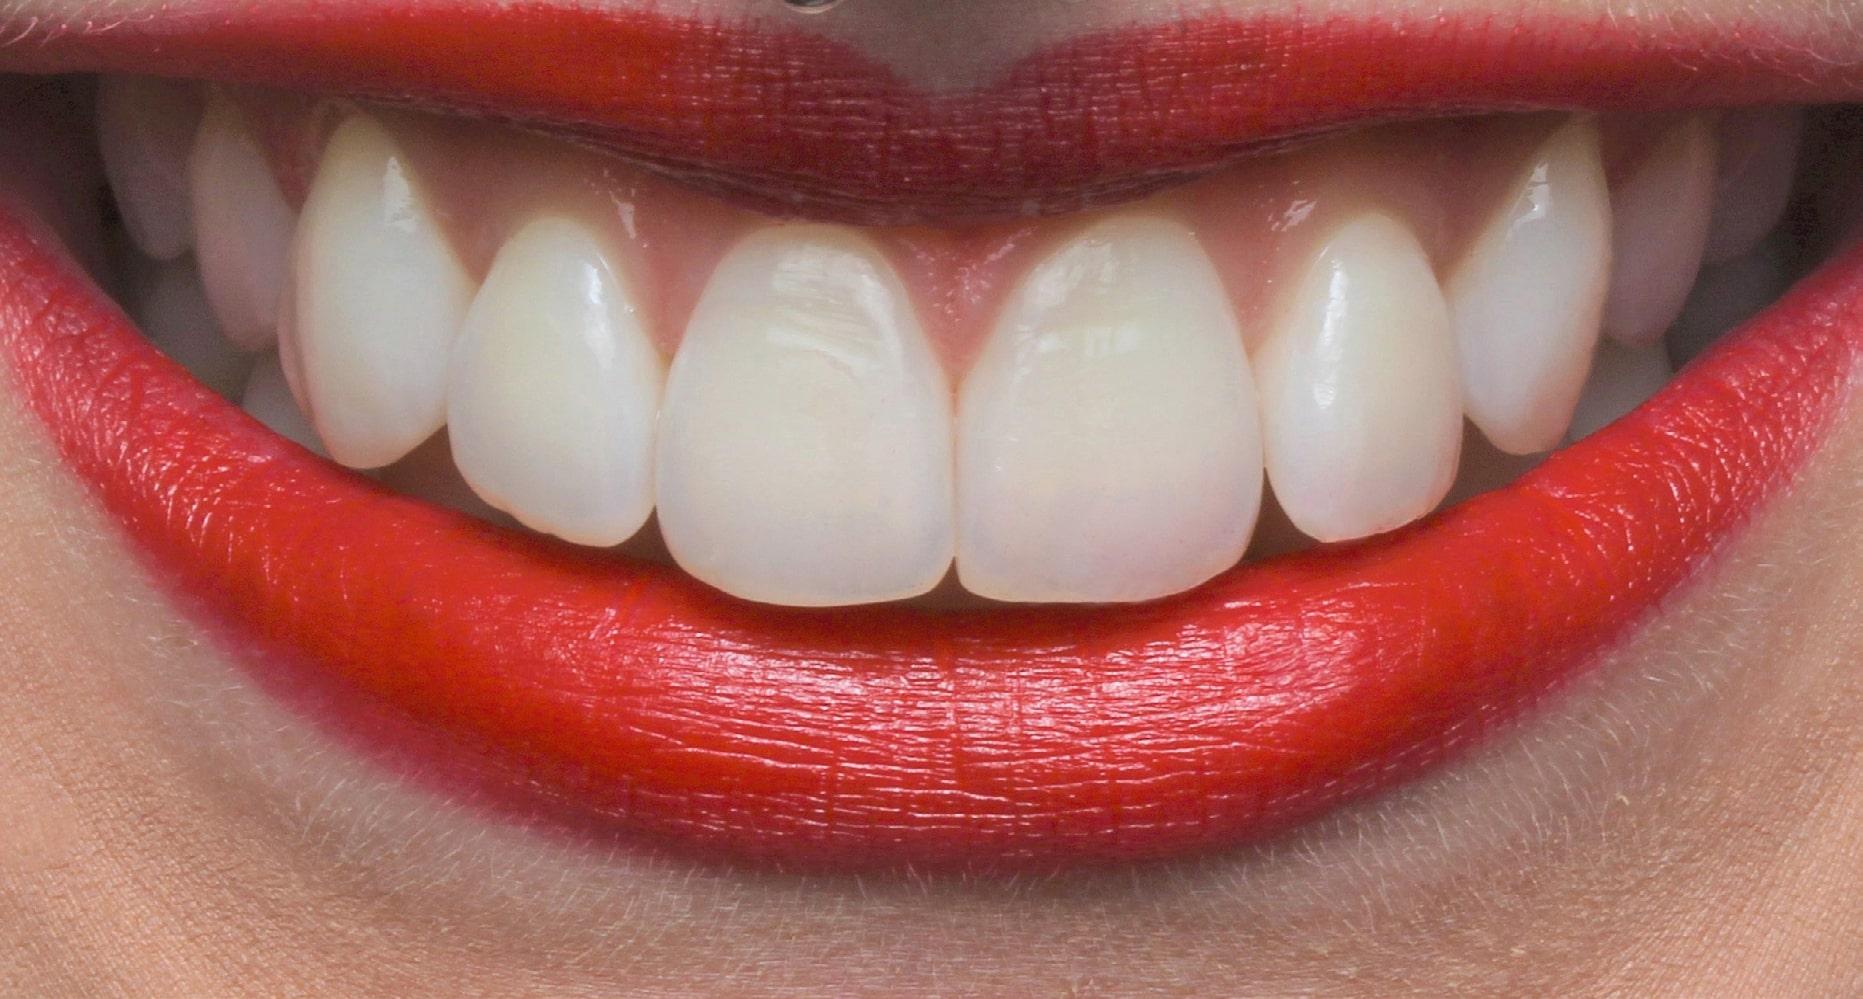 Caso clínico: Clareamento dental caseiro com Whiteness Perfect